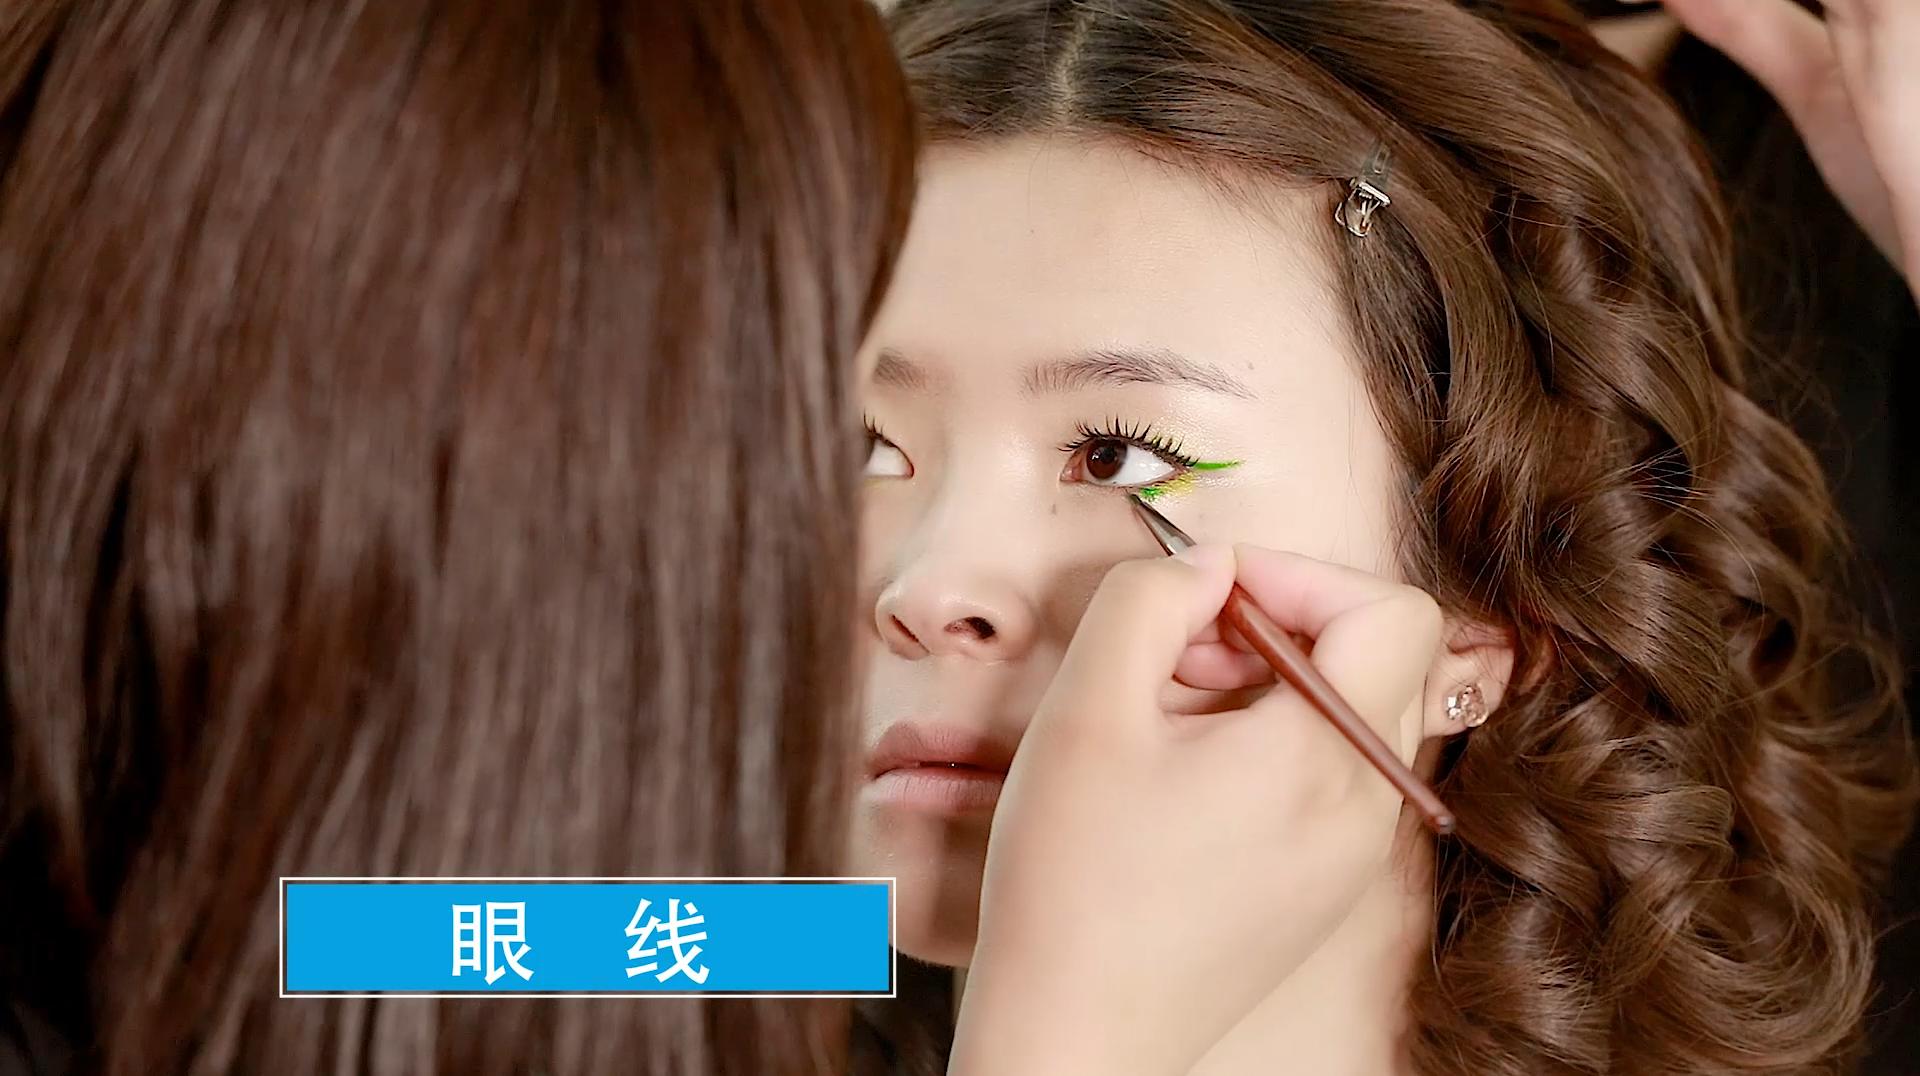 眼线 北京亚博app官方下载苹果摄影